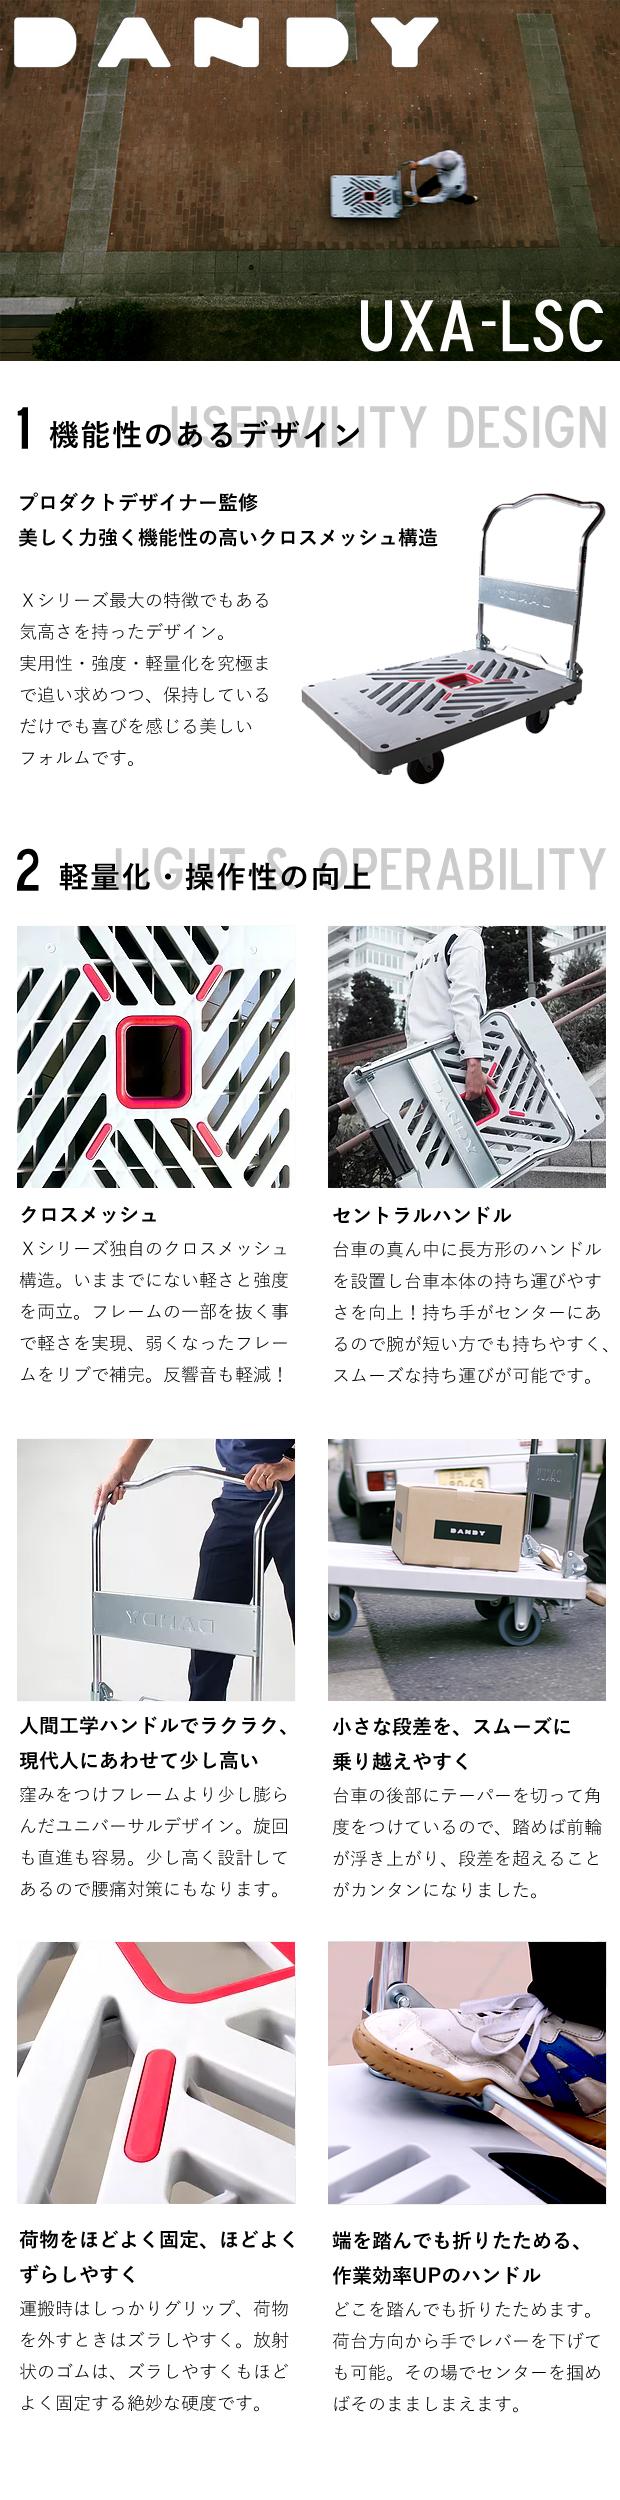 花岡車輌 ダンディXシリーズ 折りたたみ式台車 UXA-LSC